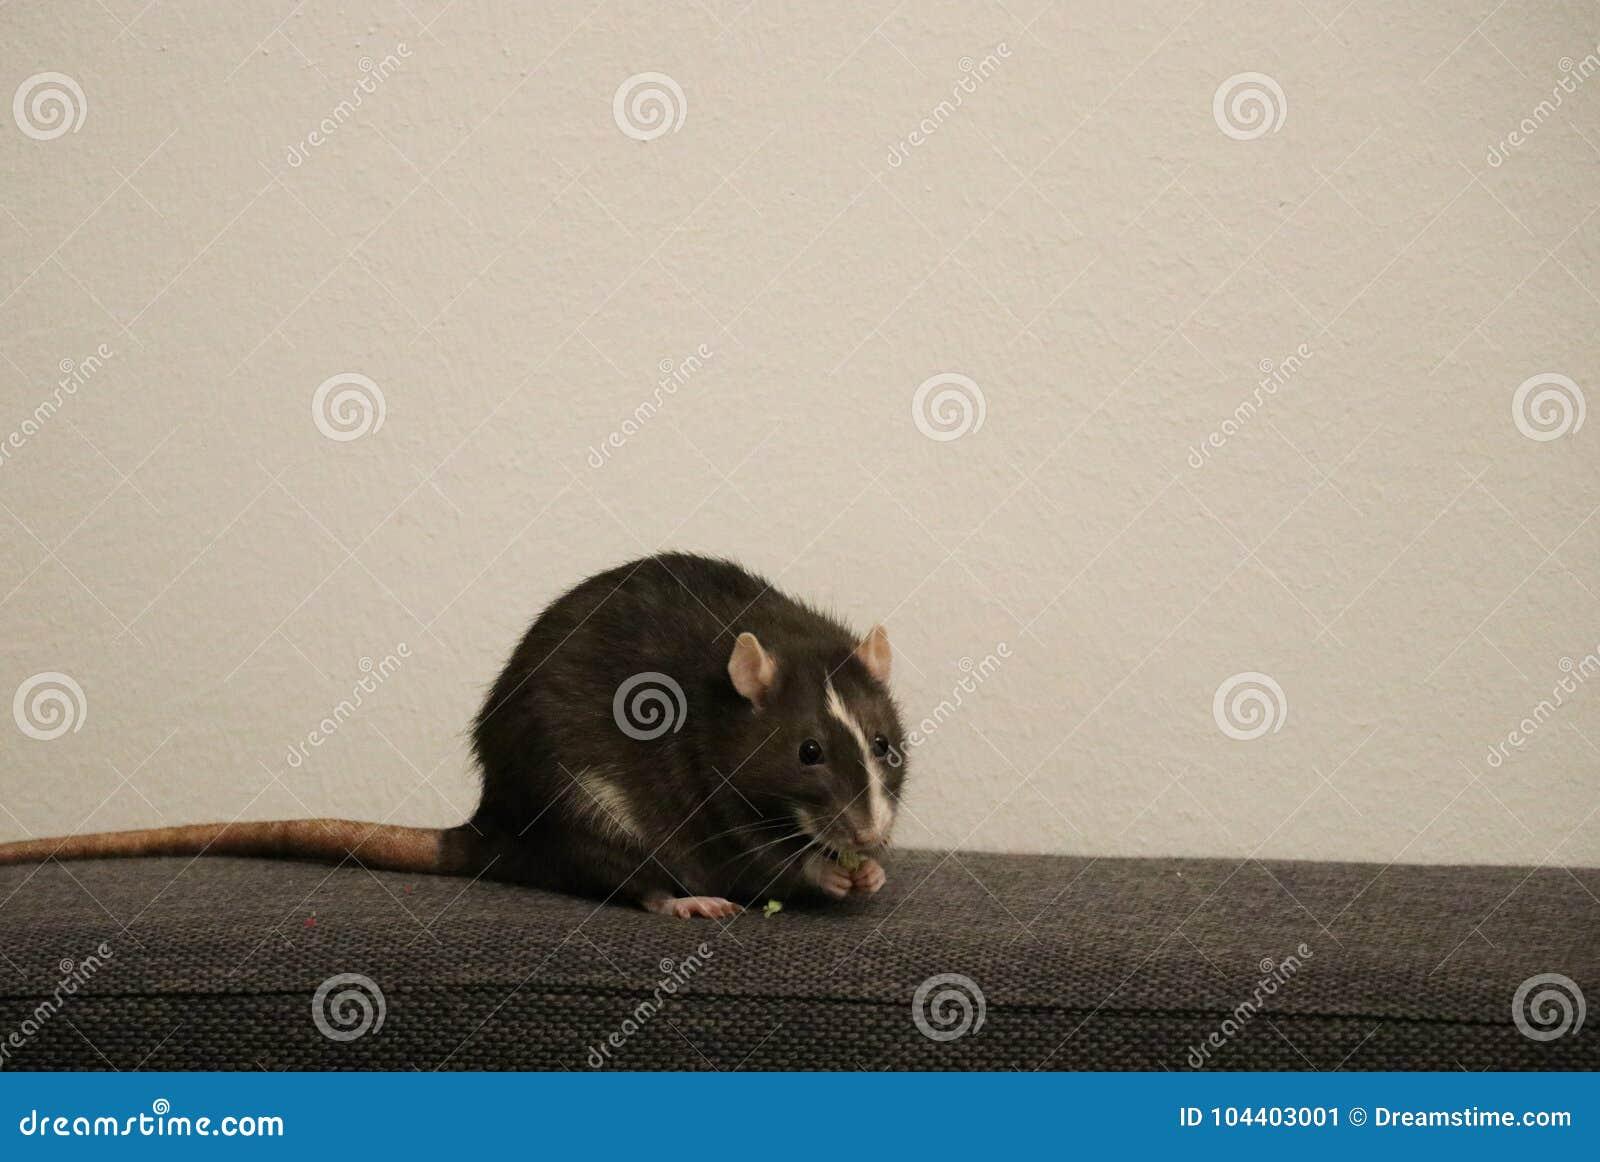 Haustier-Ratten-Essen